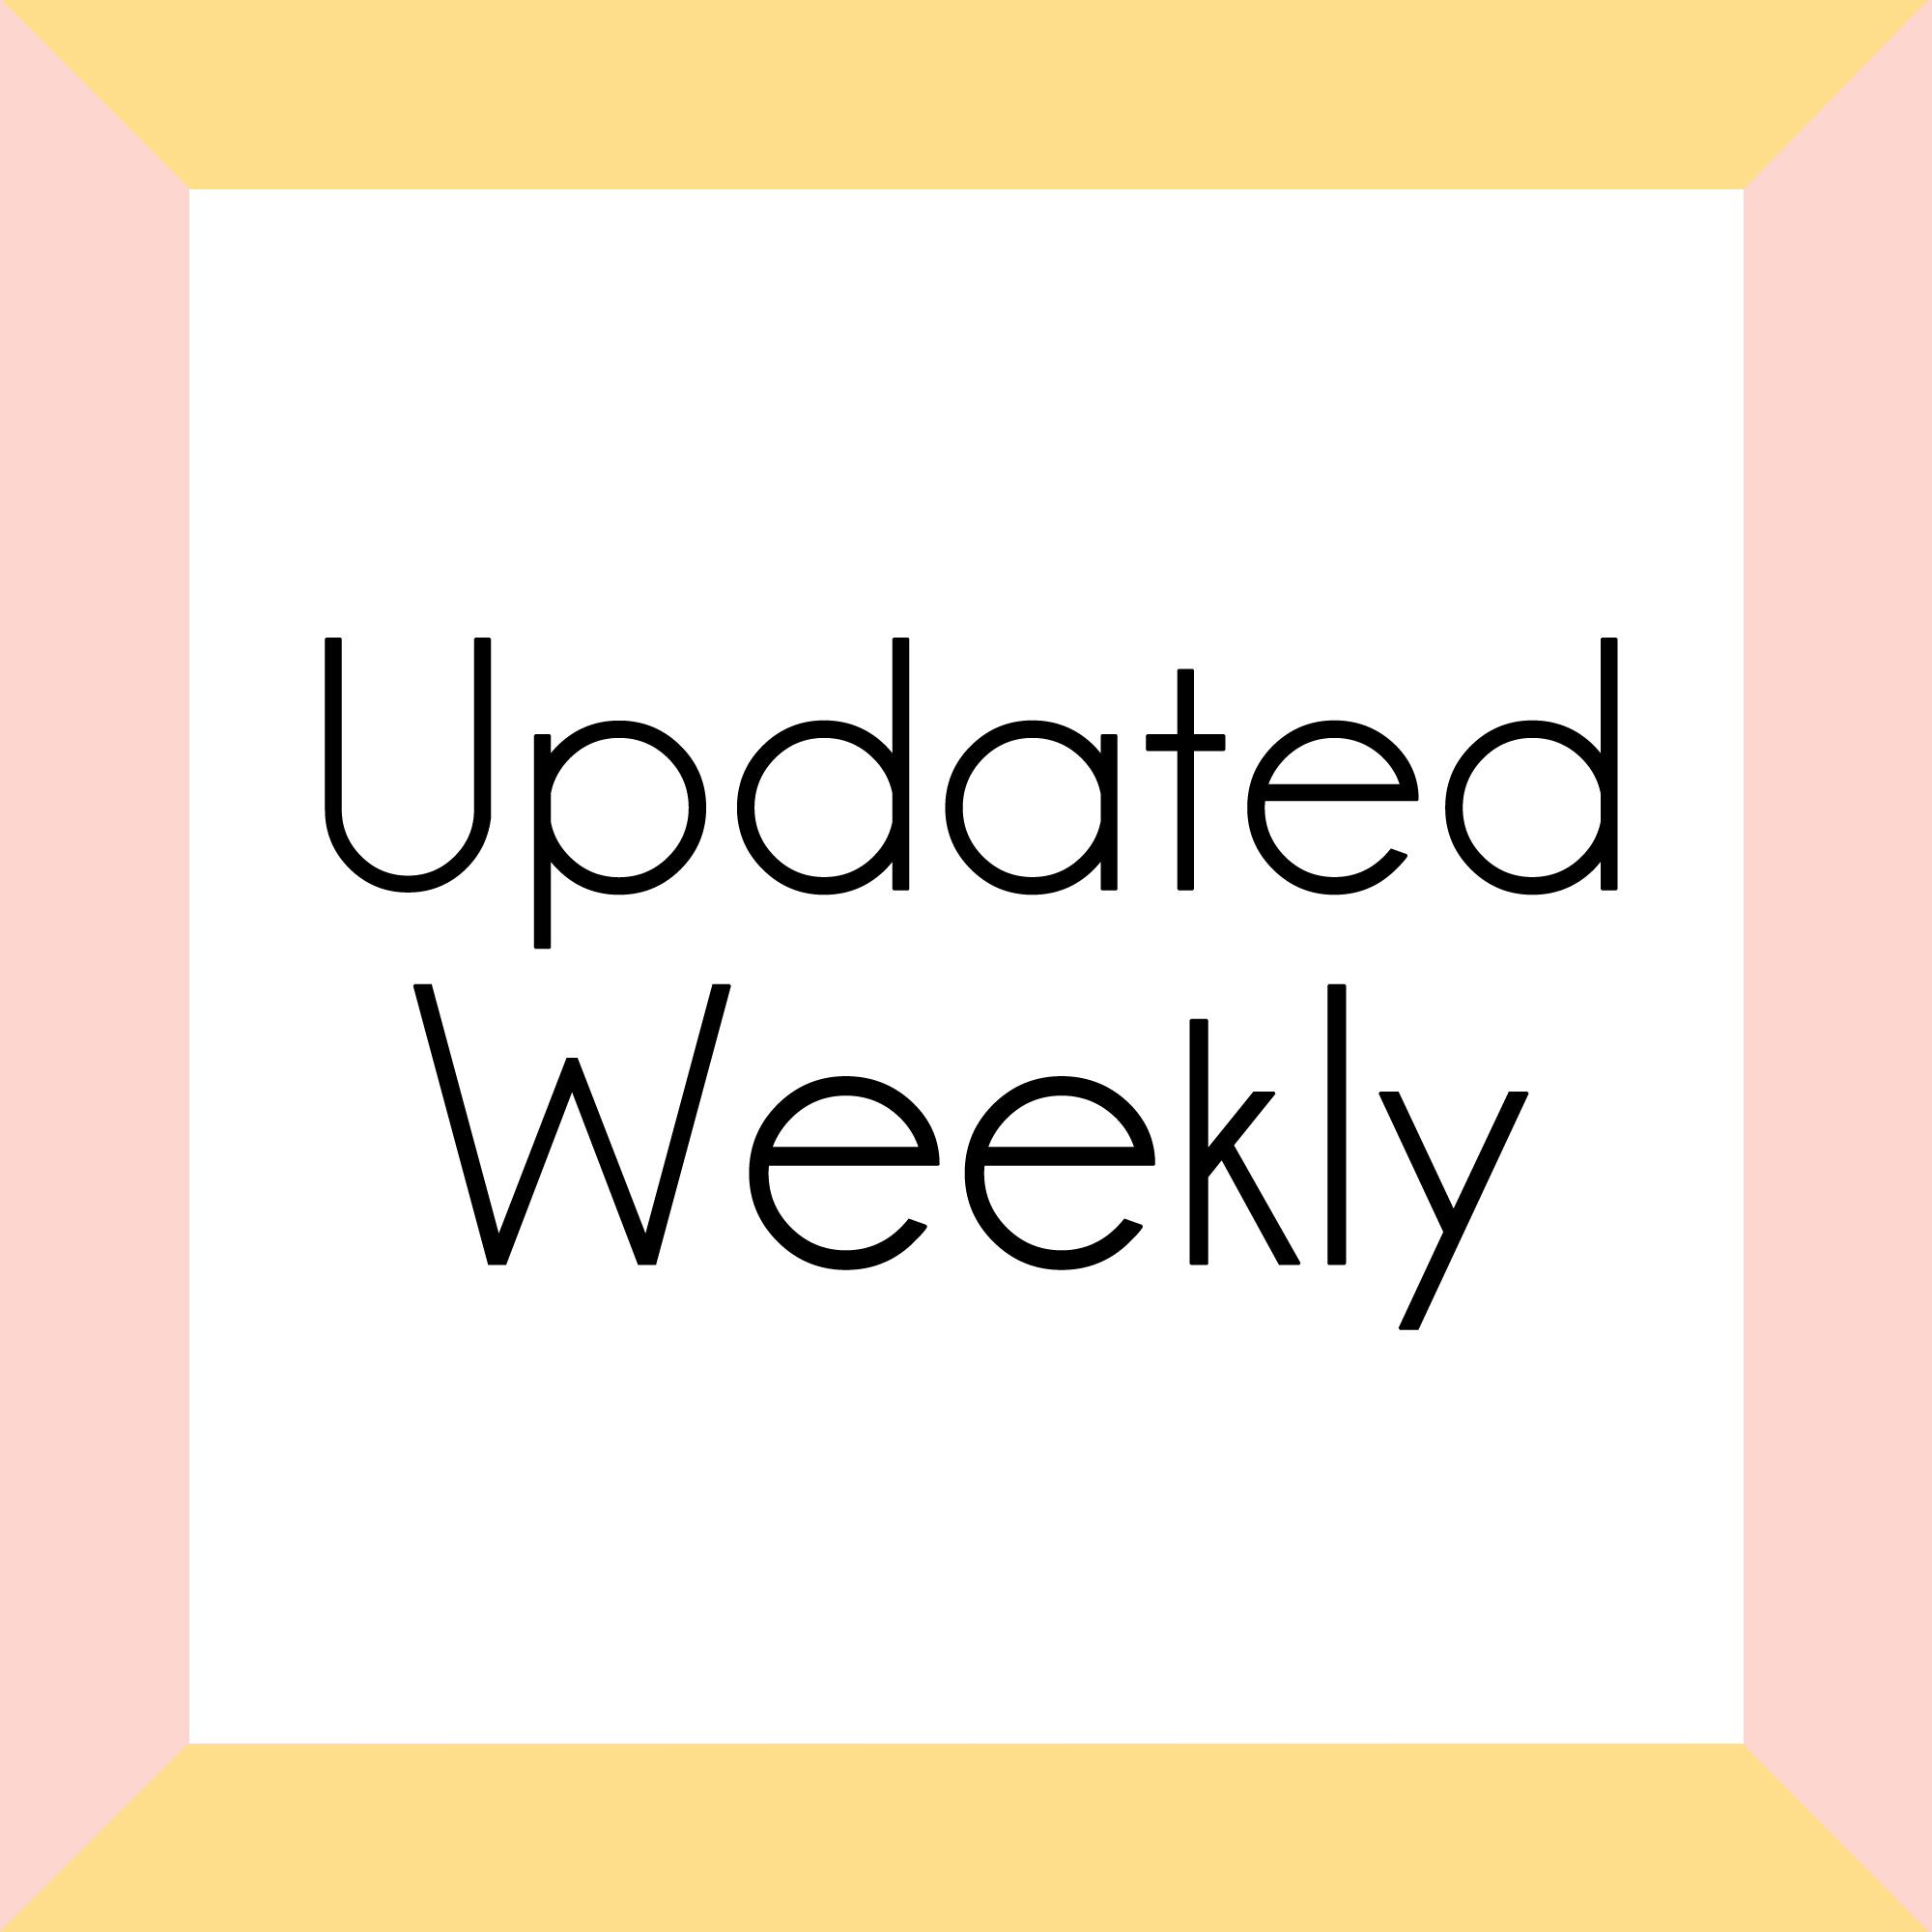 updatedweekly.jpg